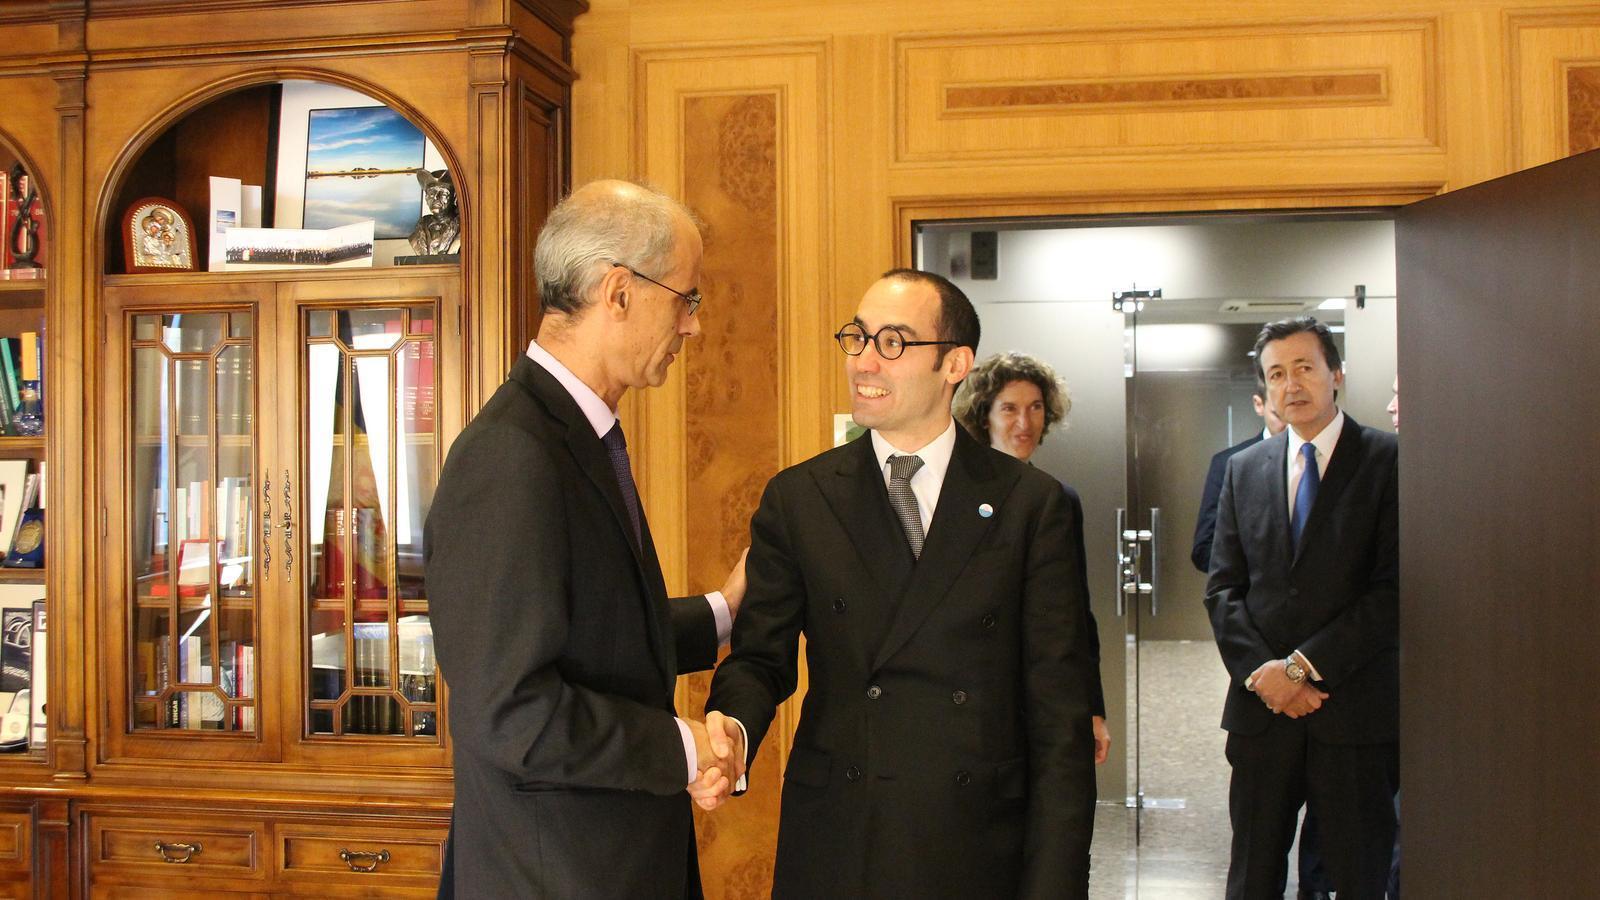 La trobada del cap de Govern, Toni Martí, amb el secretari d'Estat d'Afers Exteriors, Afers Polítics i de la Justícia de San Marino, Nicola Renzi. / M. F. (ANA)